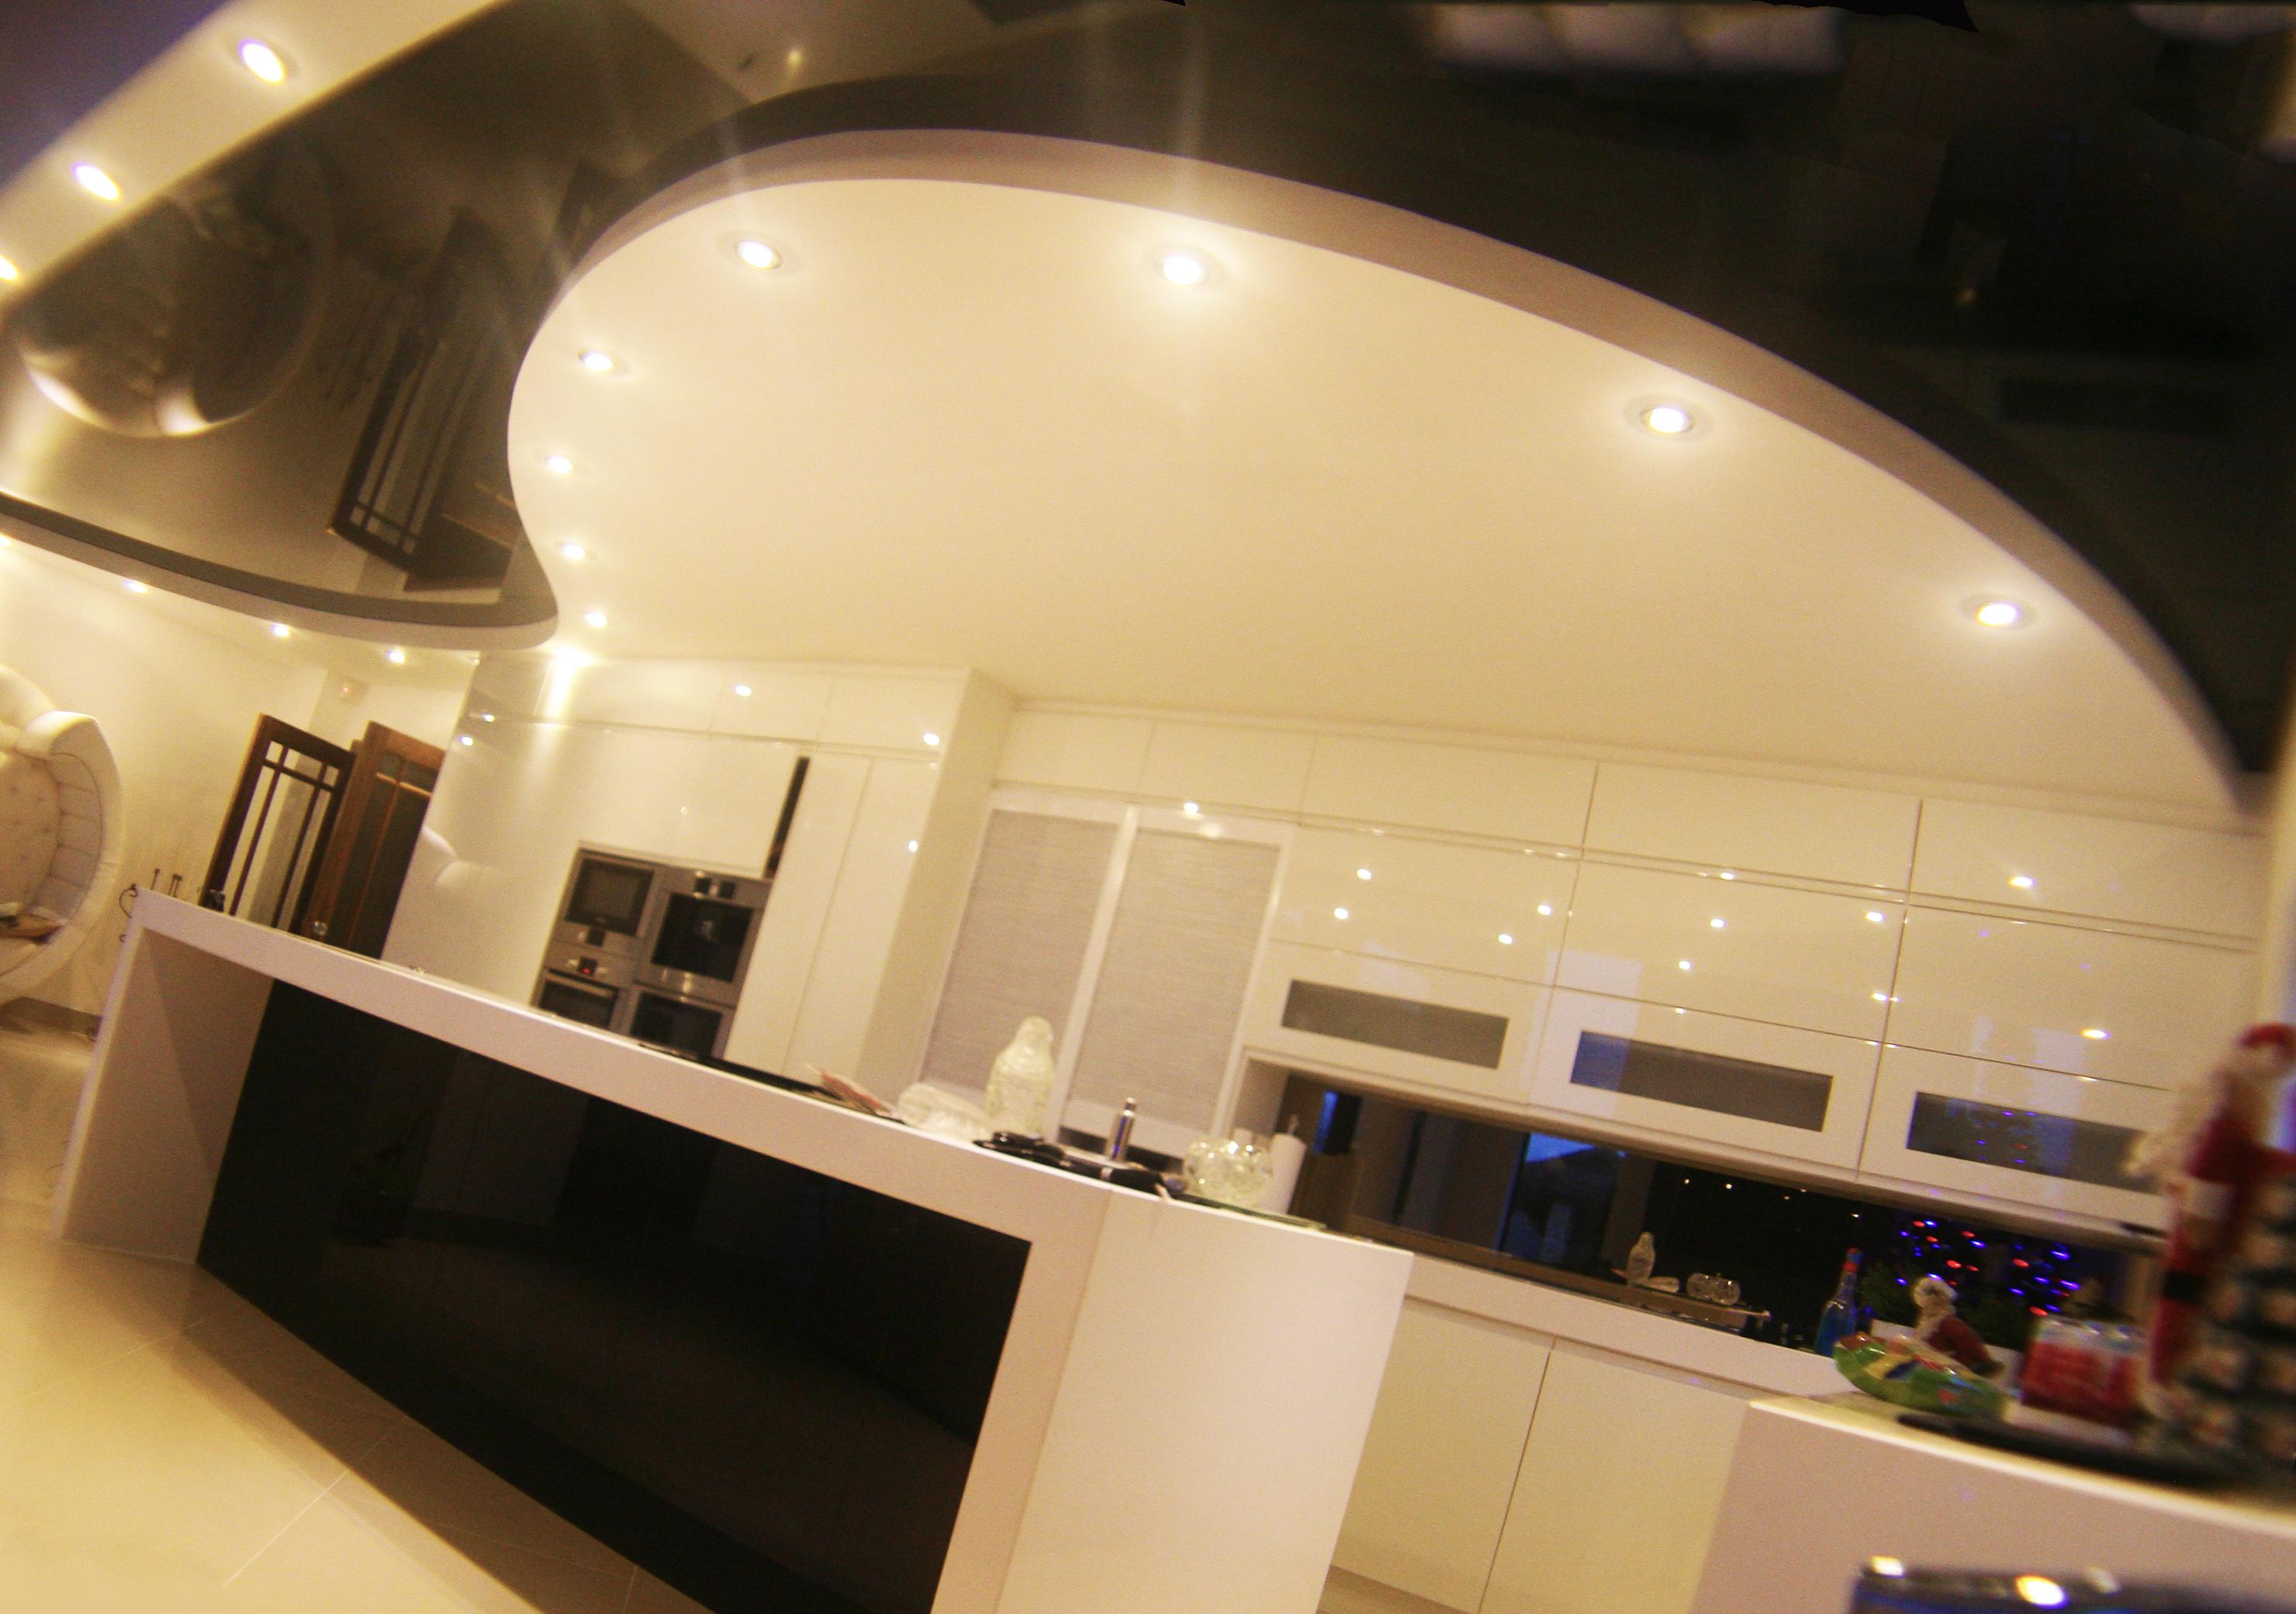 Можно ли натяжной потолок устанавливать на кухне?